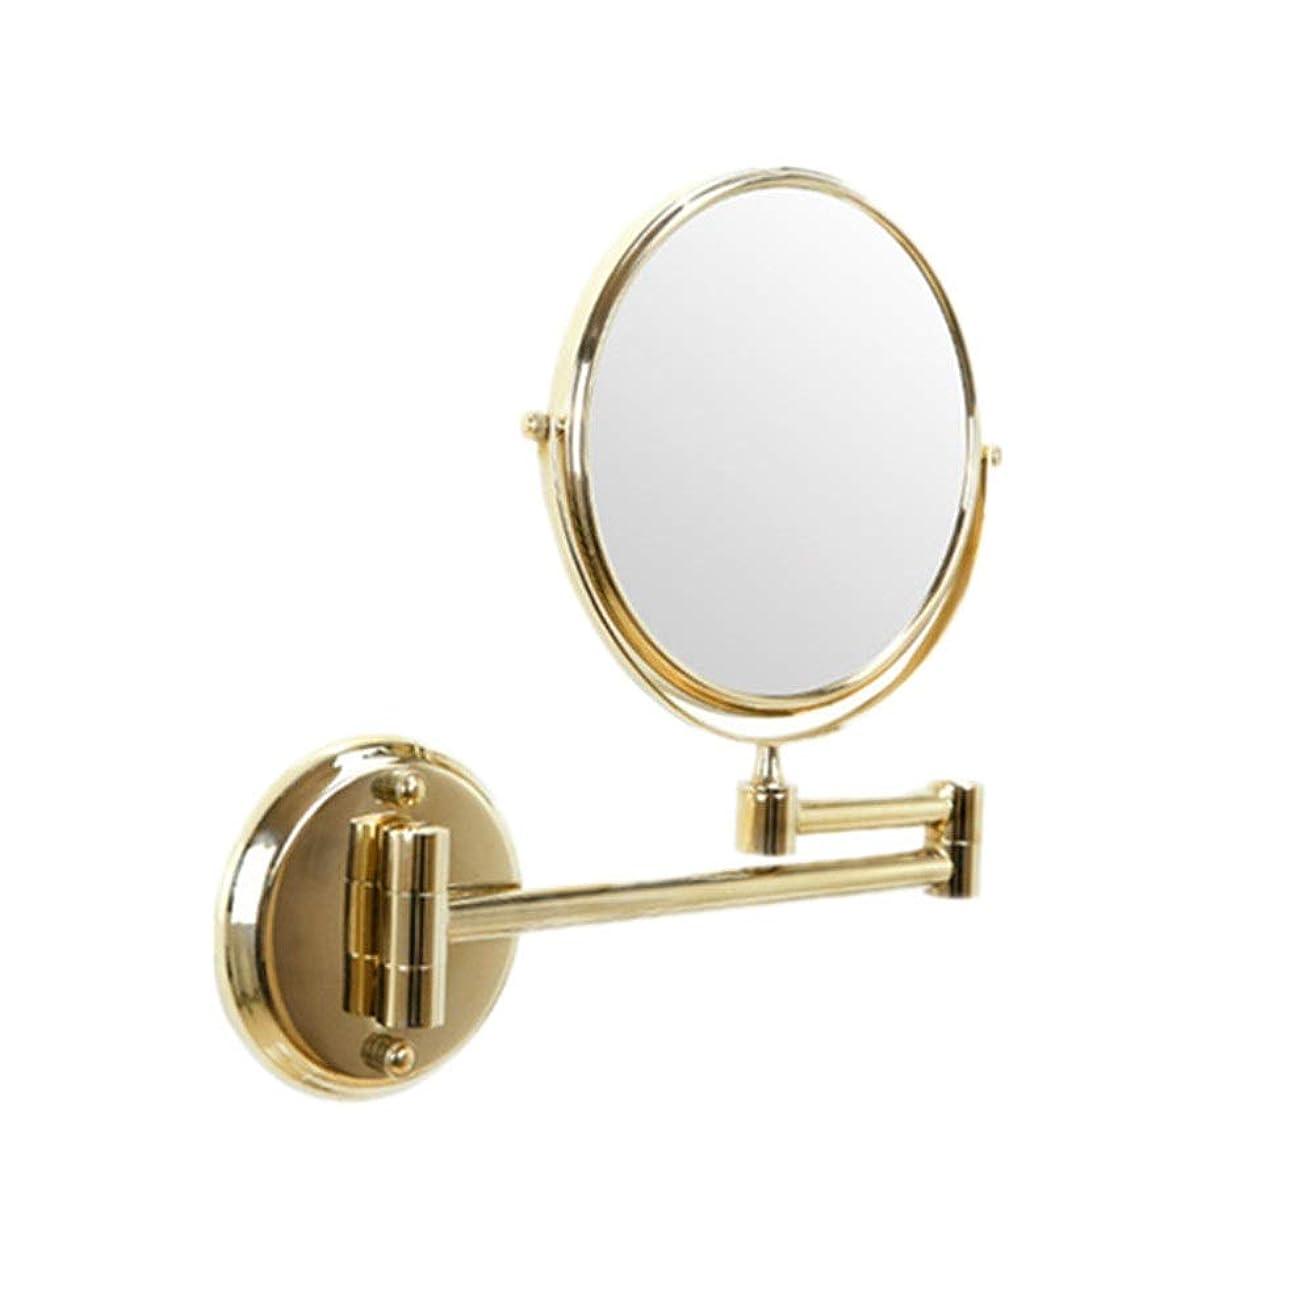 事務所災害ぜいたく化粧鏡 LED照明付きメイクアップミラー両面バニティ通常の鏡と倍率360°スイベル化粧品ミラー メイク化粧道具 化粧鏡 女性礼物 (色 : ゴールド, サイズ : 6in)